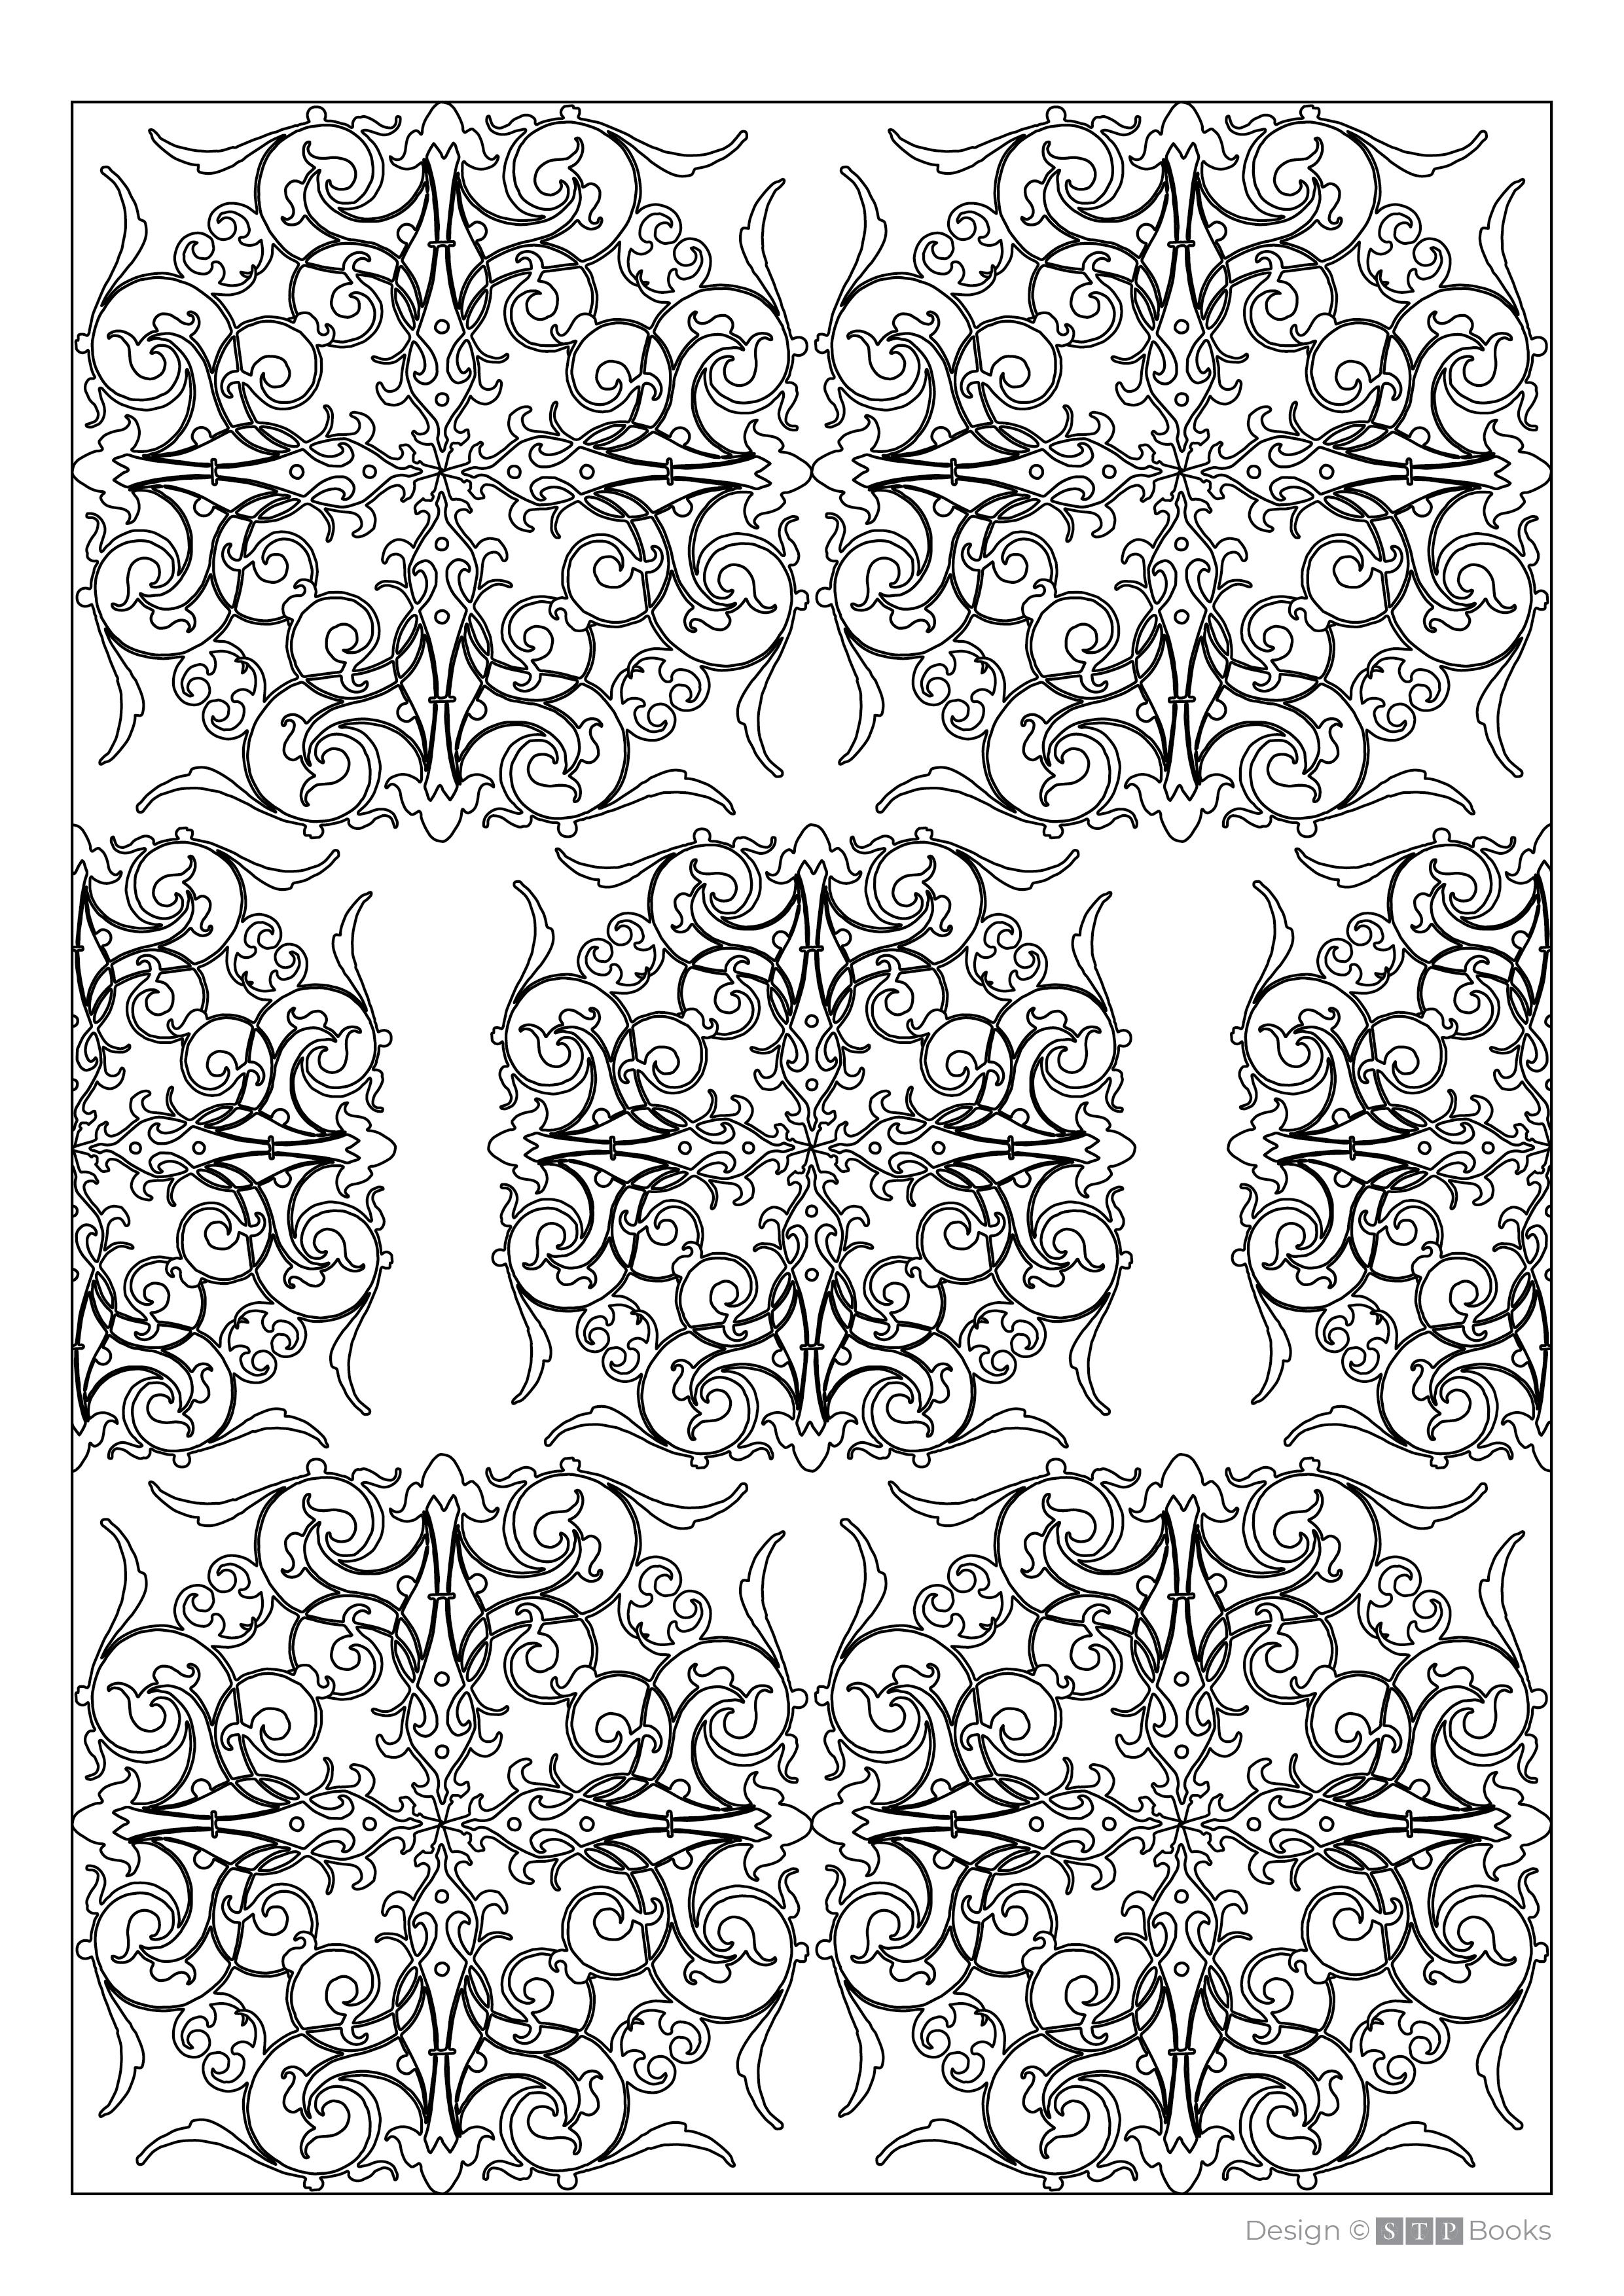 Free Adult Colouring Page Parents Teachers Decorative Design 006 STP Books.png